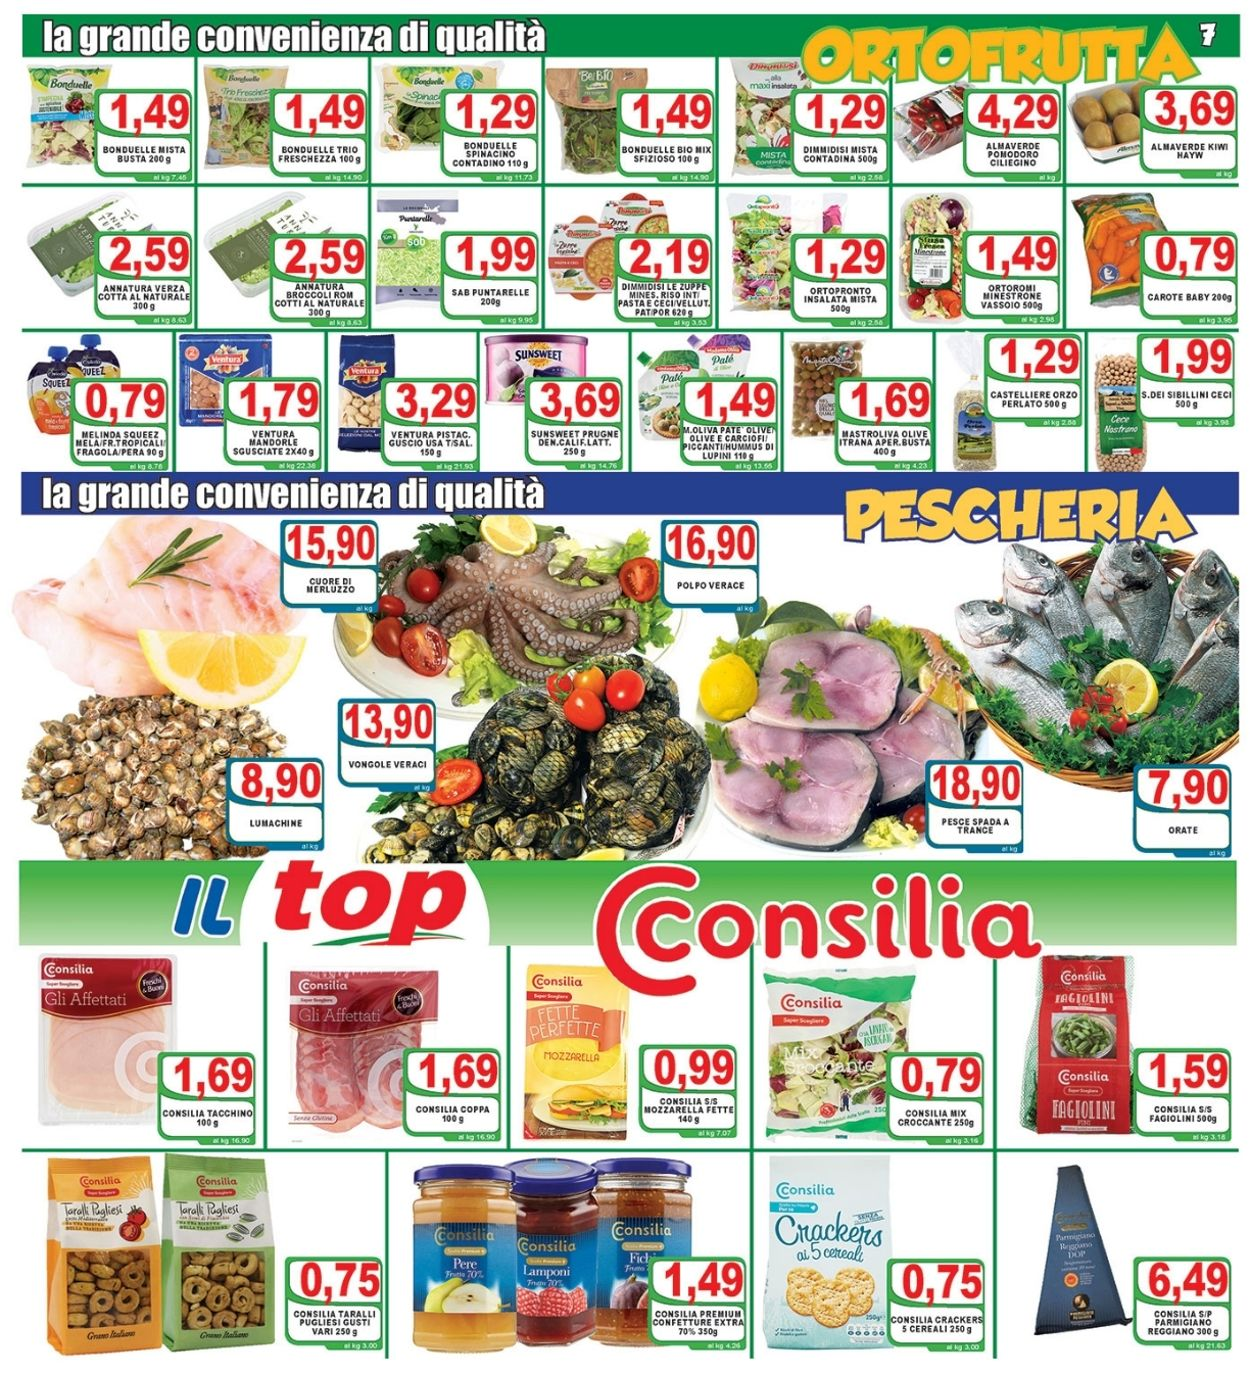 Volantino Top Supermercati - Offerte 06/04-15/04/2021 (Pagina 7)